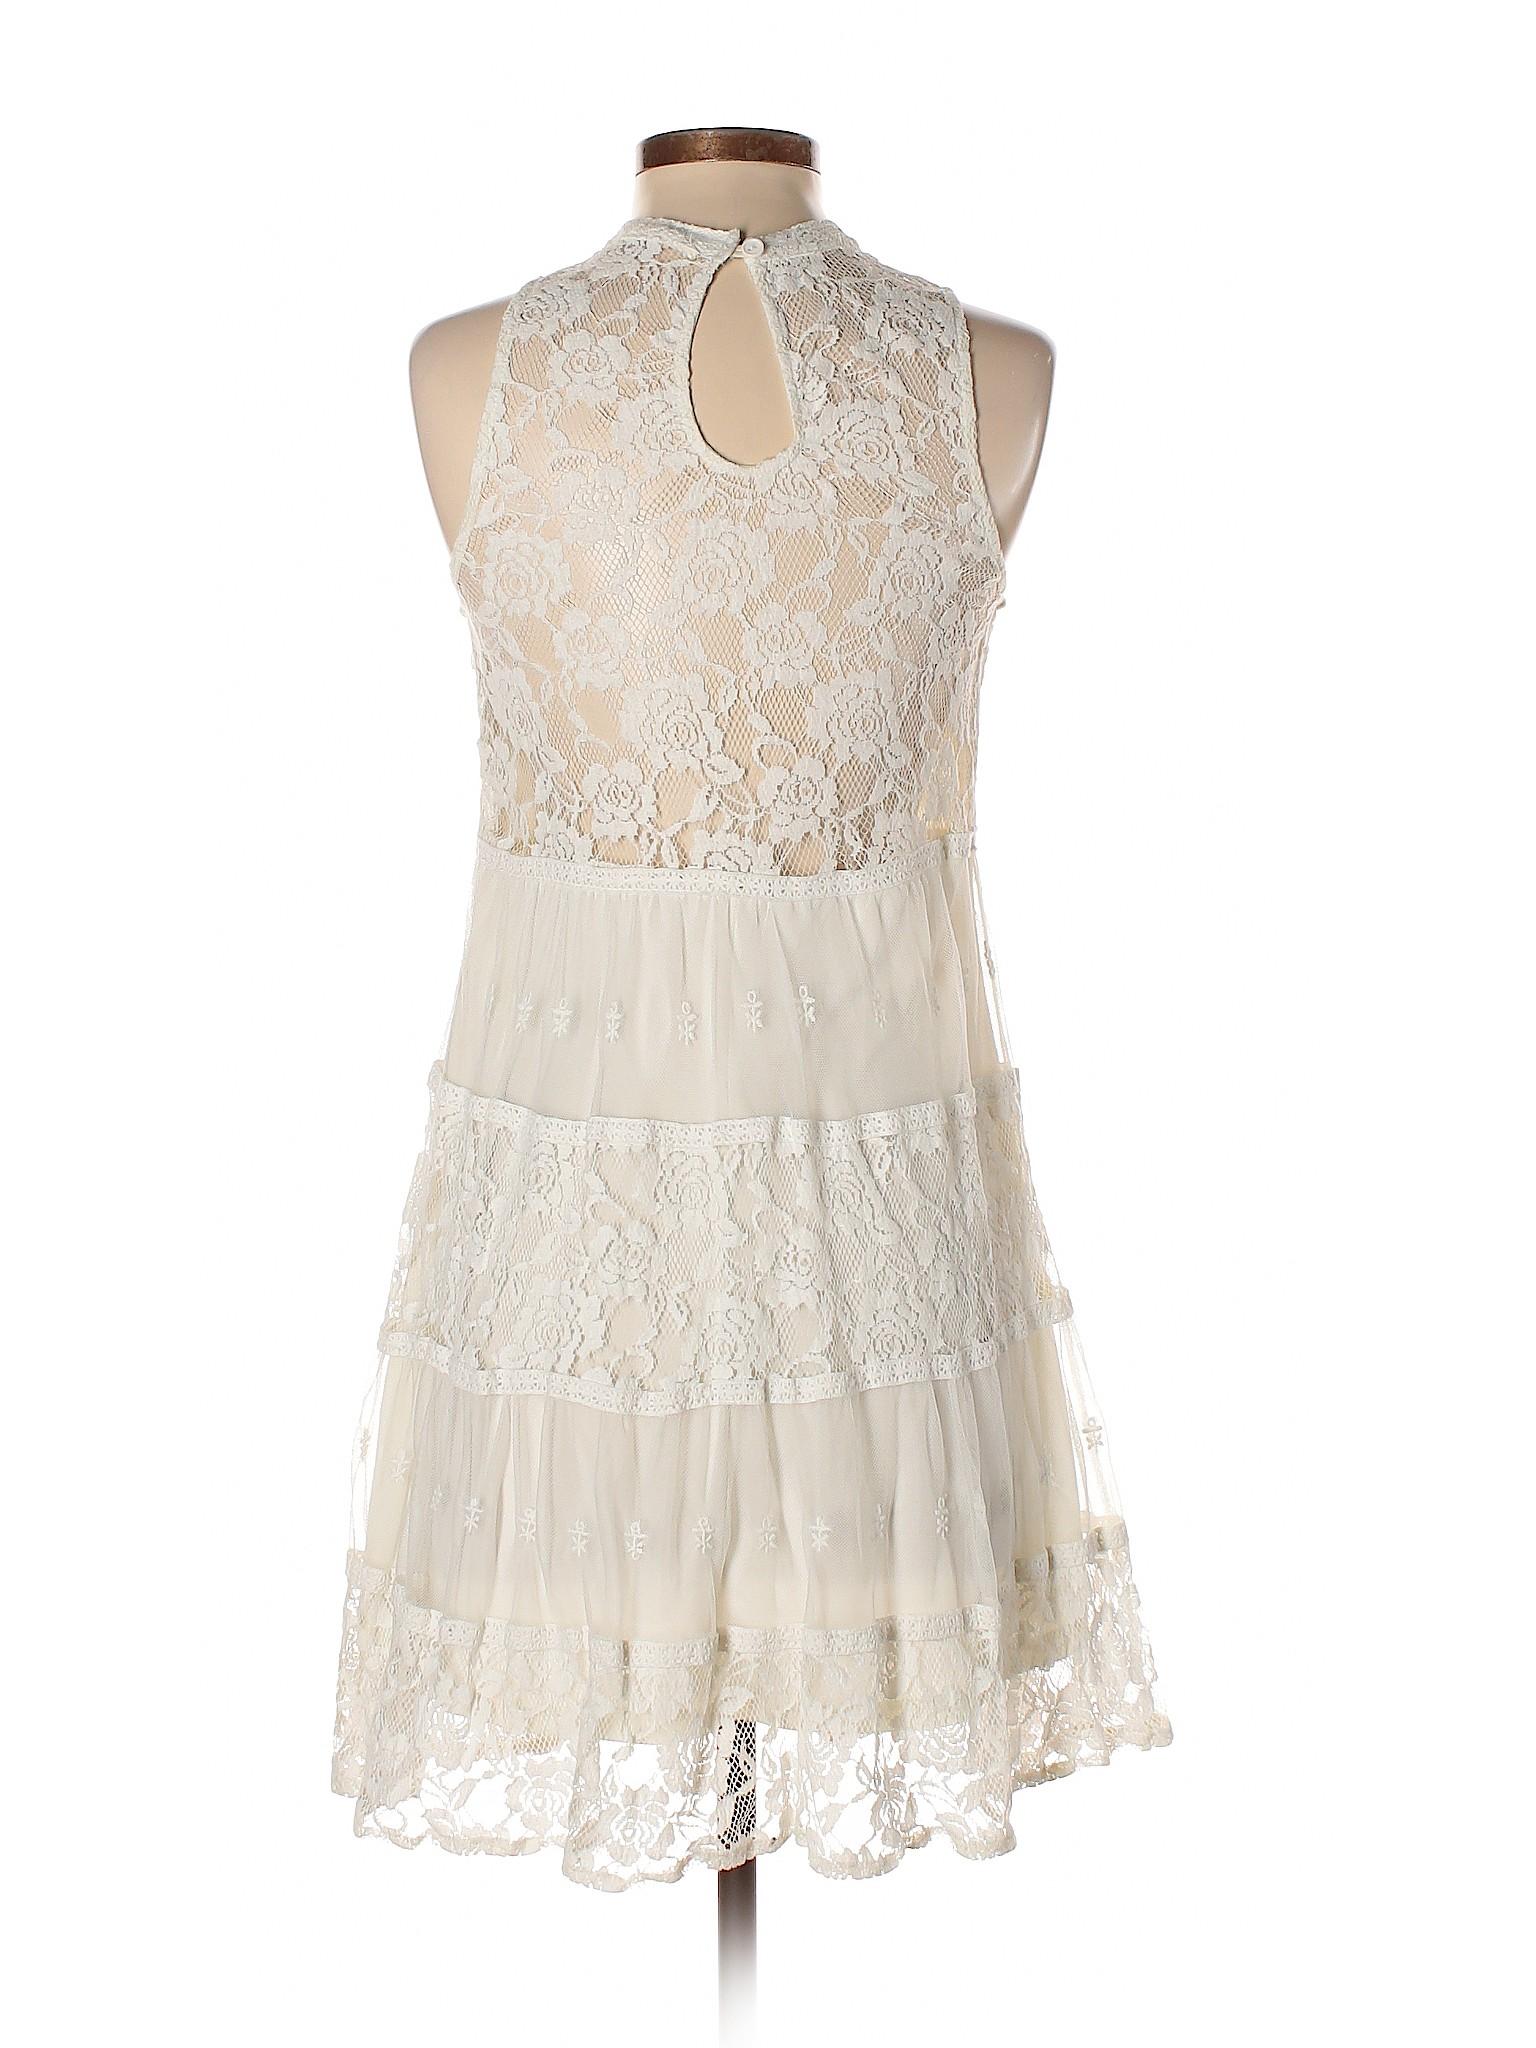 Boutique Dress Boutique Casual winter Boutique winter Rebellion Casual Rebellion Dress q1cXwg